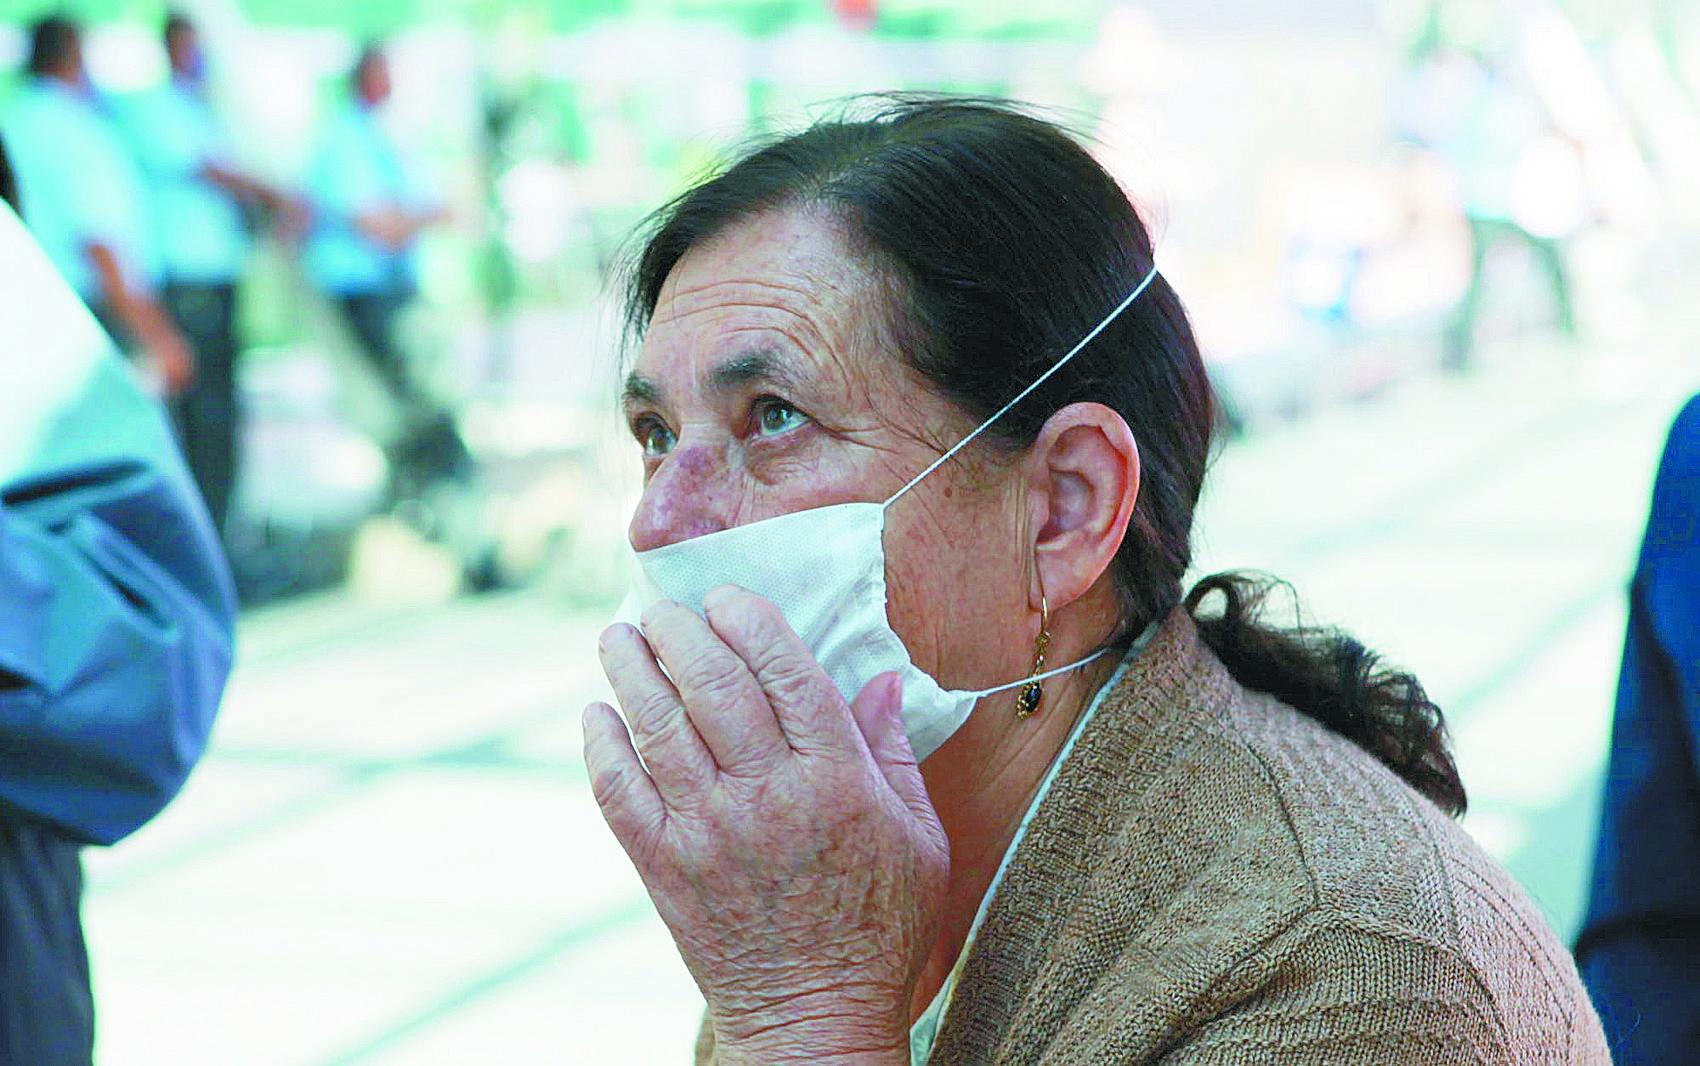 Brote de influenza ya dejó un muerto en Yucatán y ¡no hay vacunas!